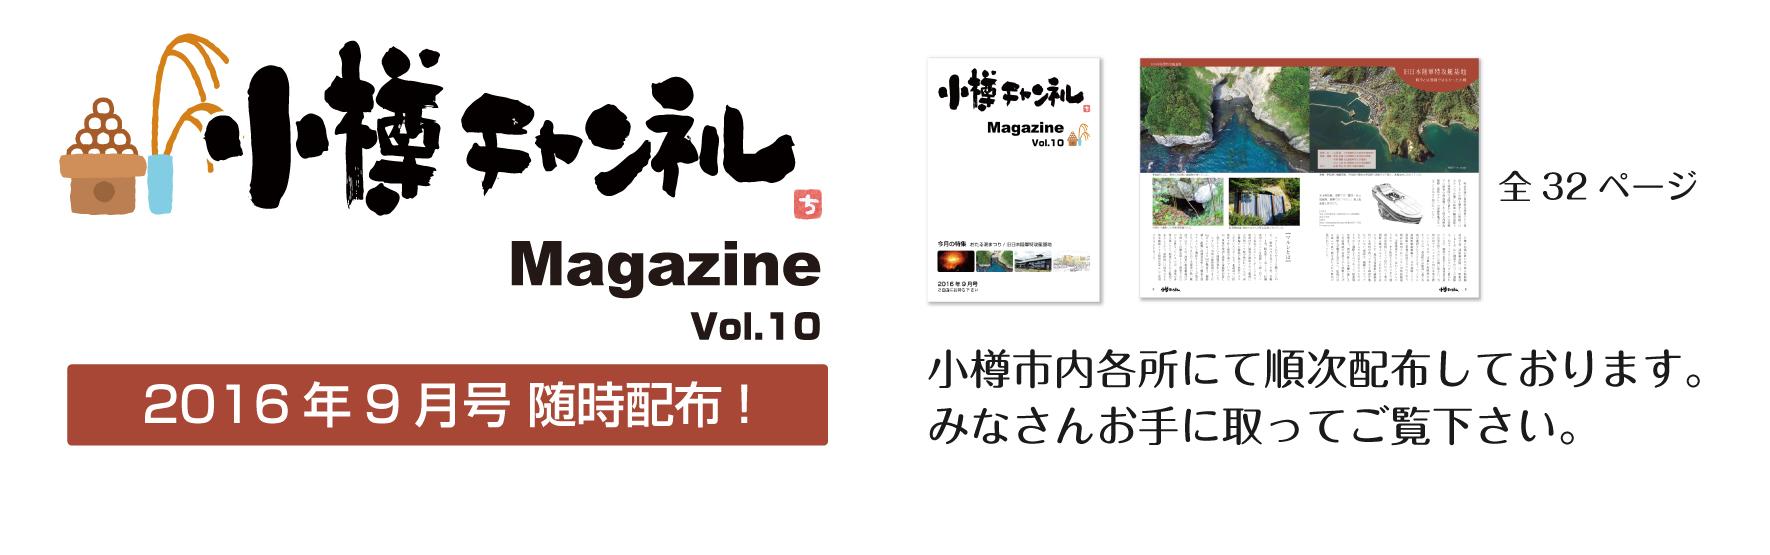 小樽チャンネルマガジン9月号WEBバナー